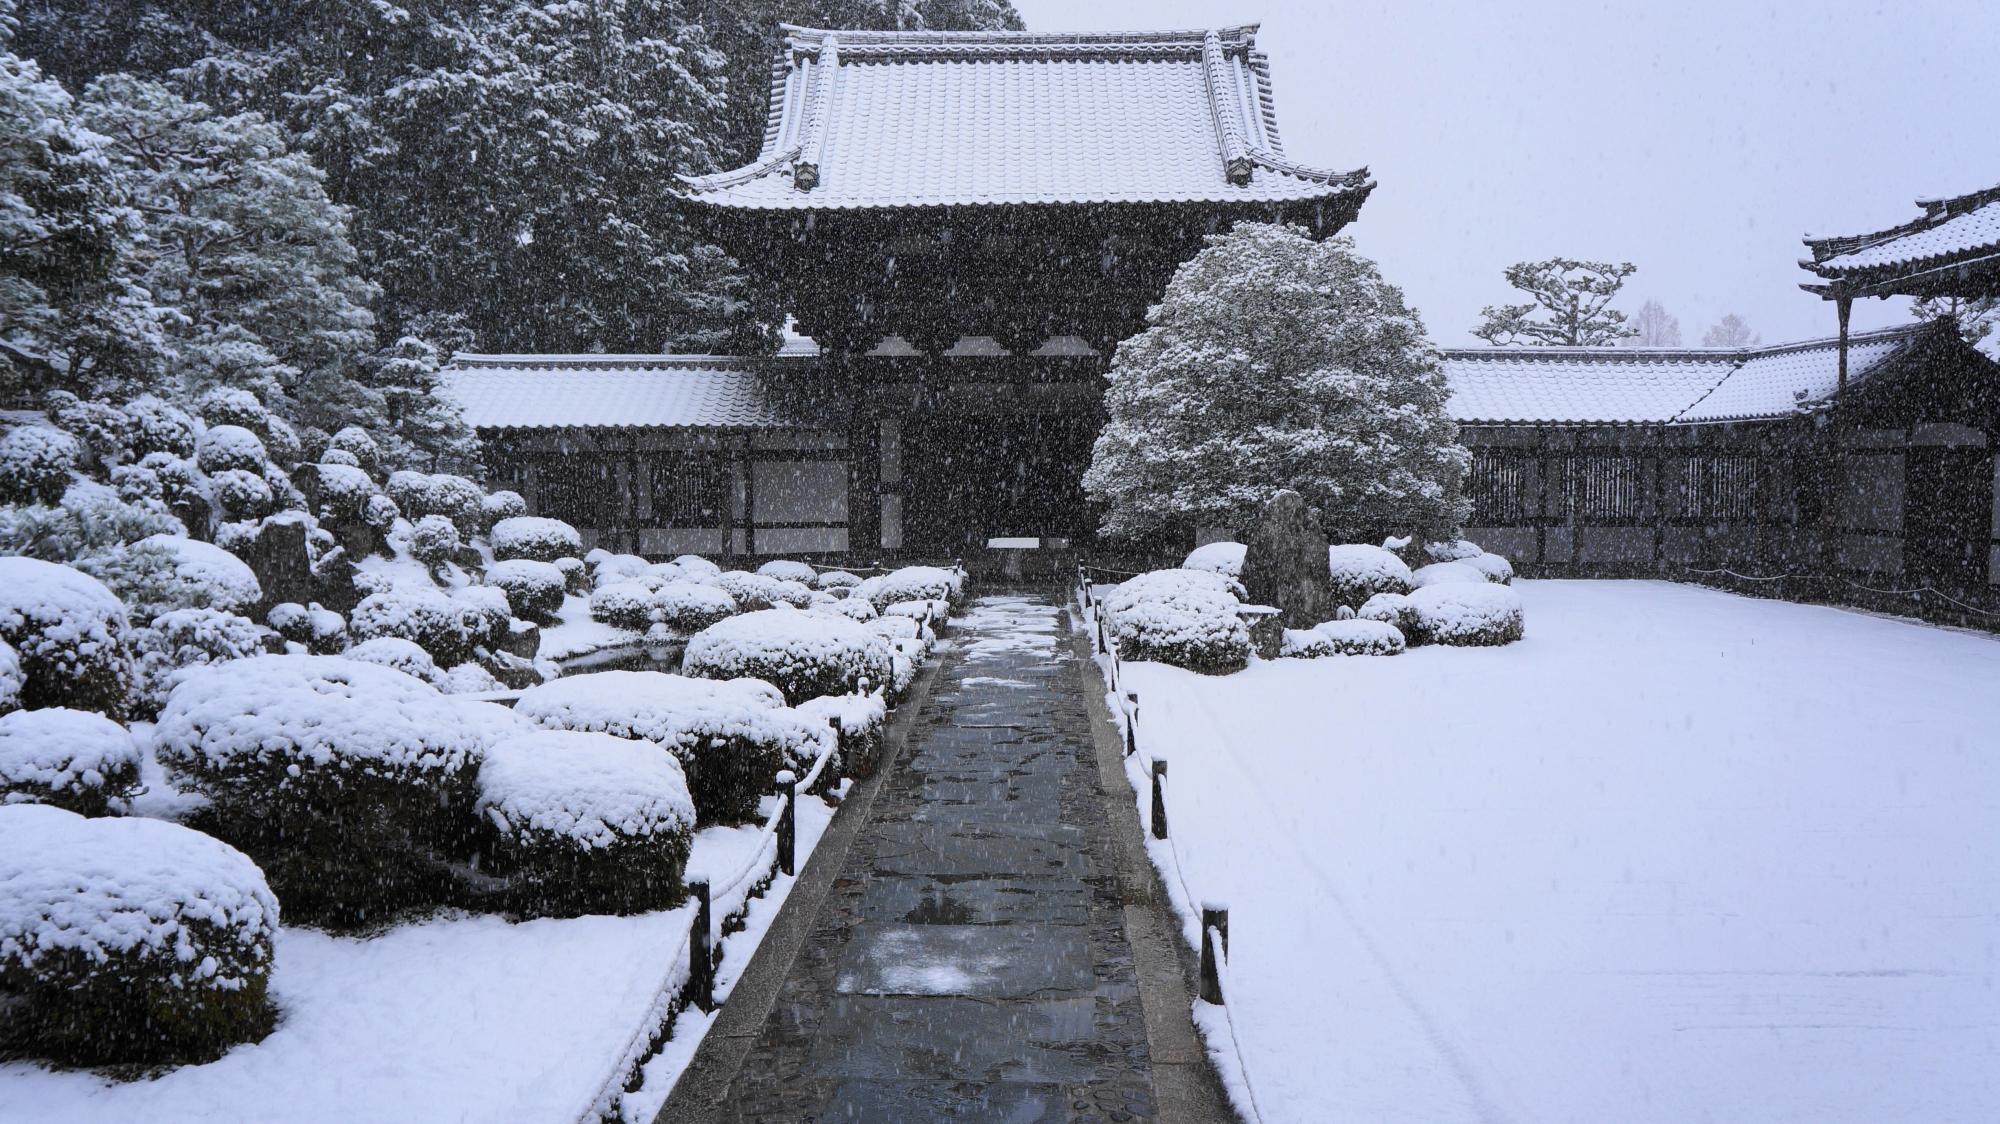 開山堂から眺めた雪の庭園と門